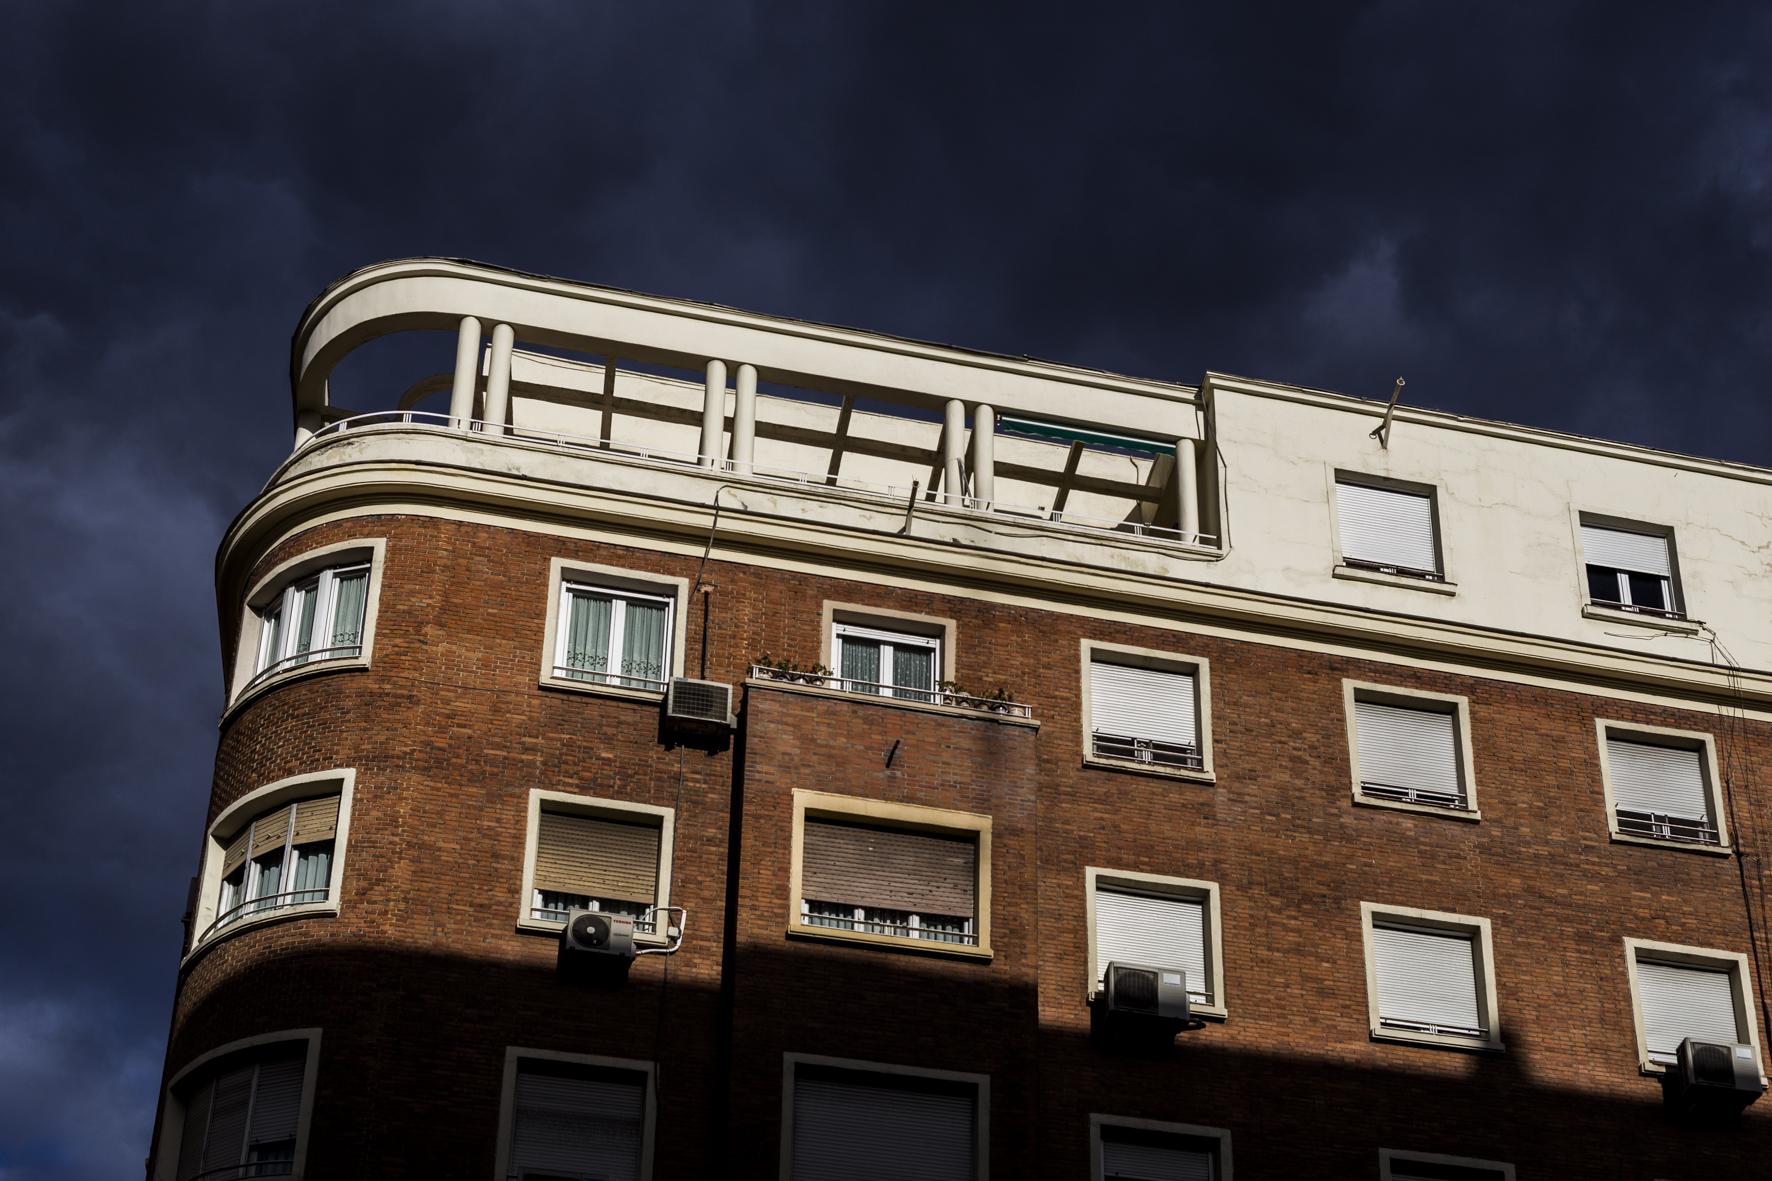 edificio piso apartamento